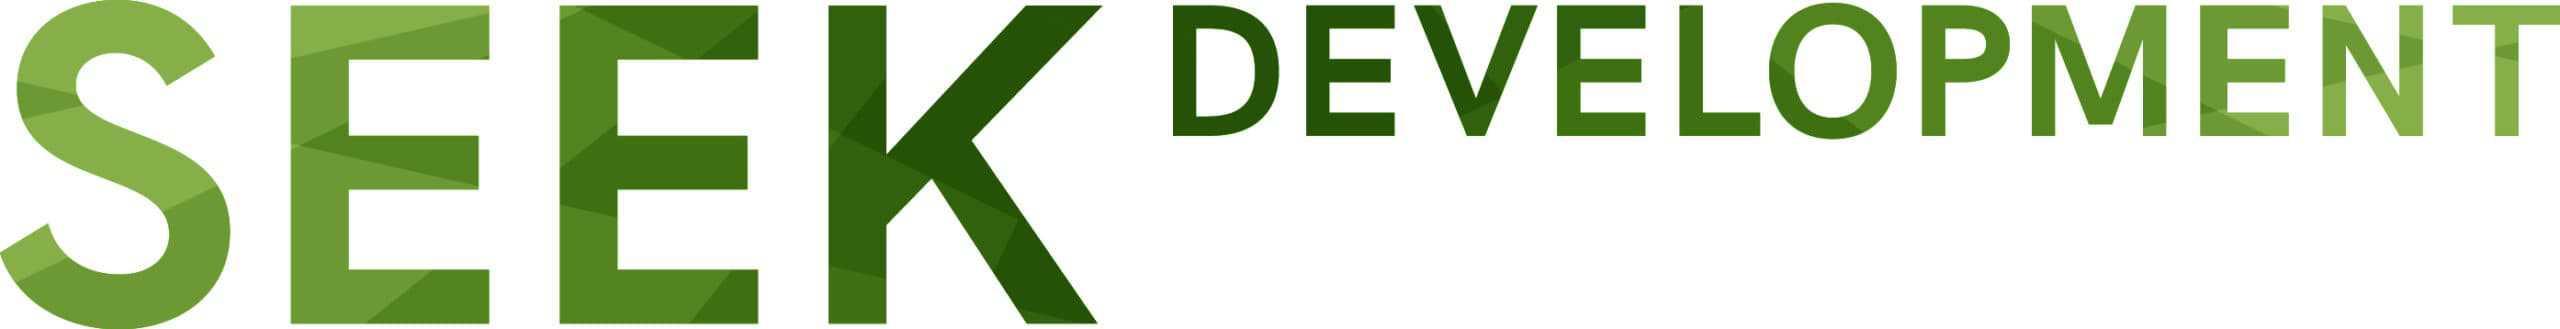 SEEK Development GmbH